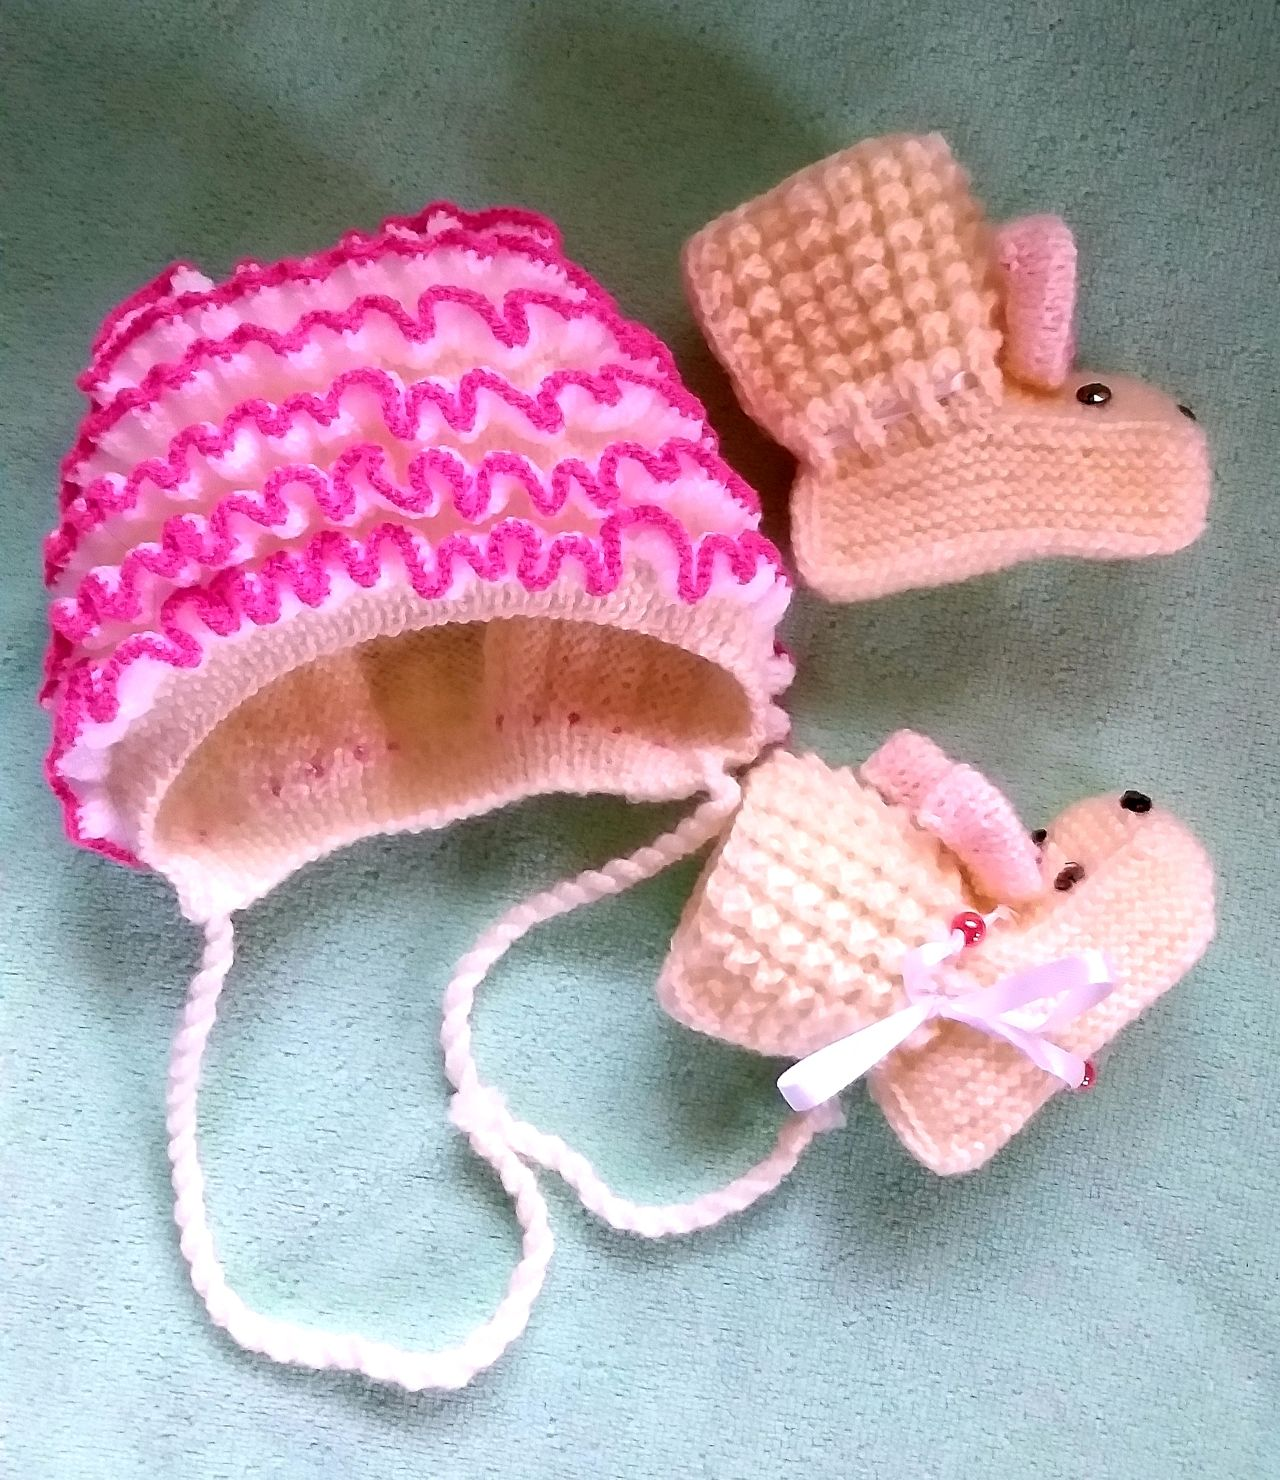 Комплект для новорождённого шапка + пинетки Нежность, Комплект из шарфа и шапки, Советск,  Фото №1